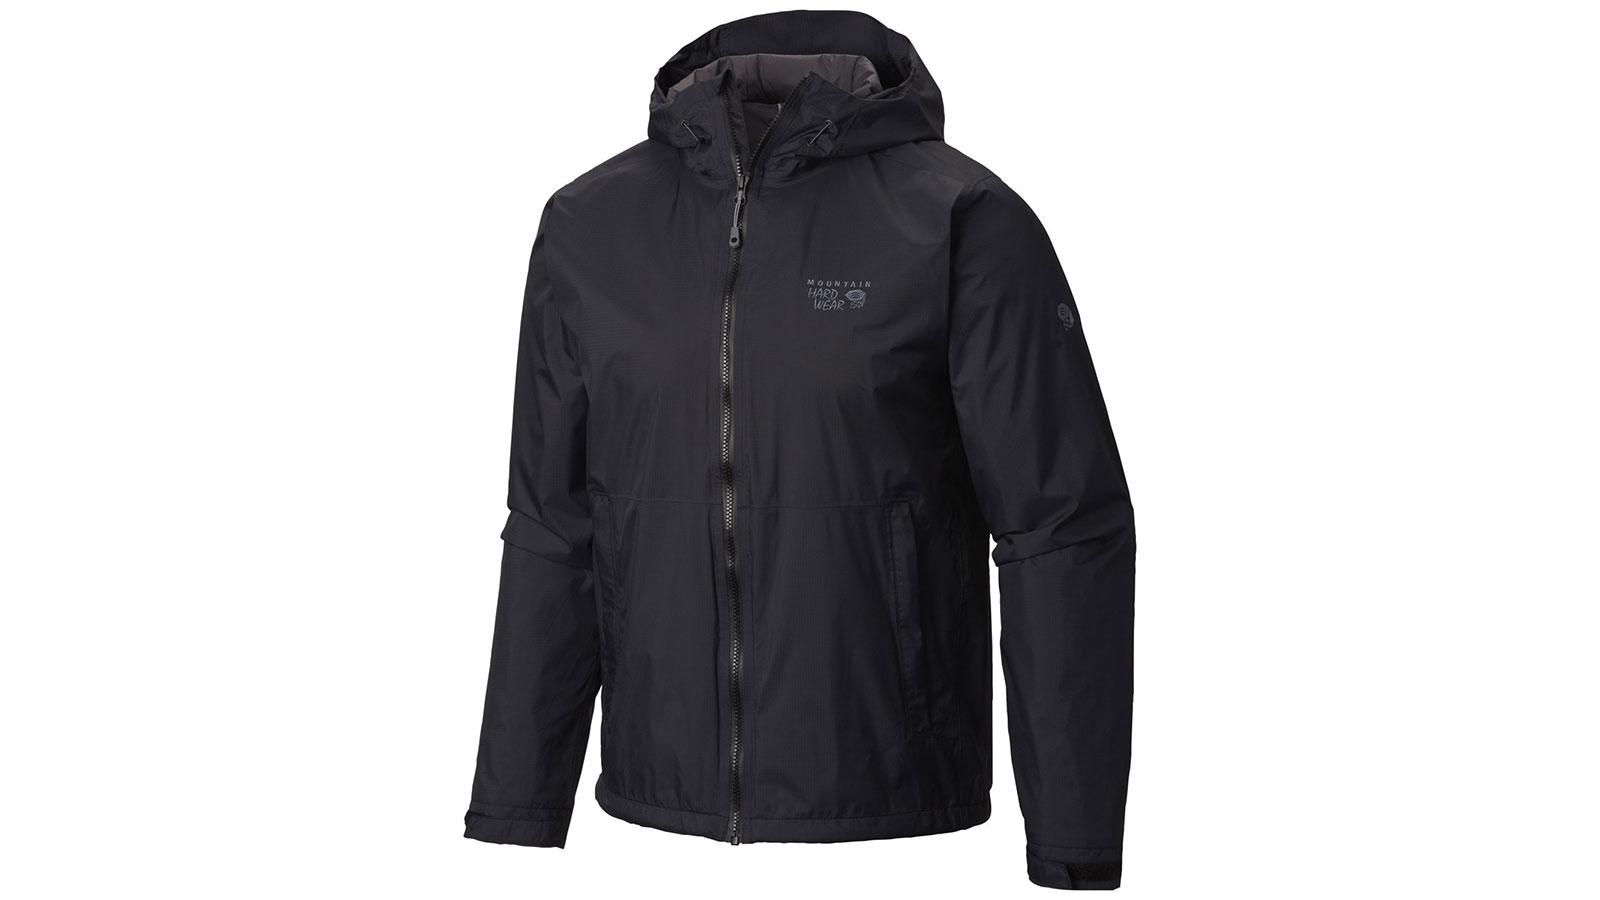 Mountain Hardwear Finder Men's Windbreaker Jacket | the best men's windbreakr jackets